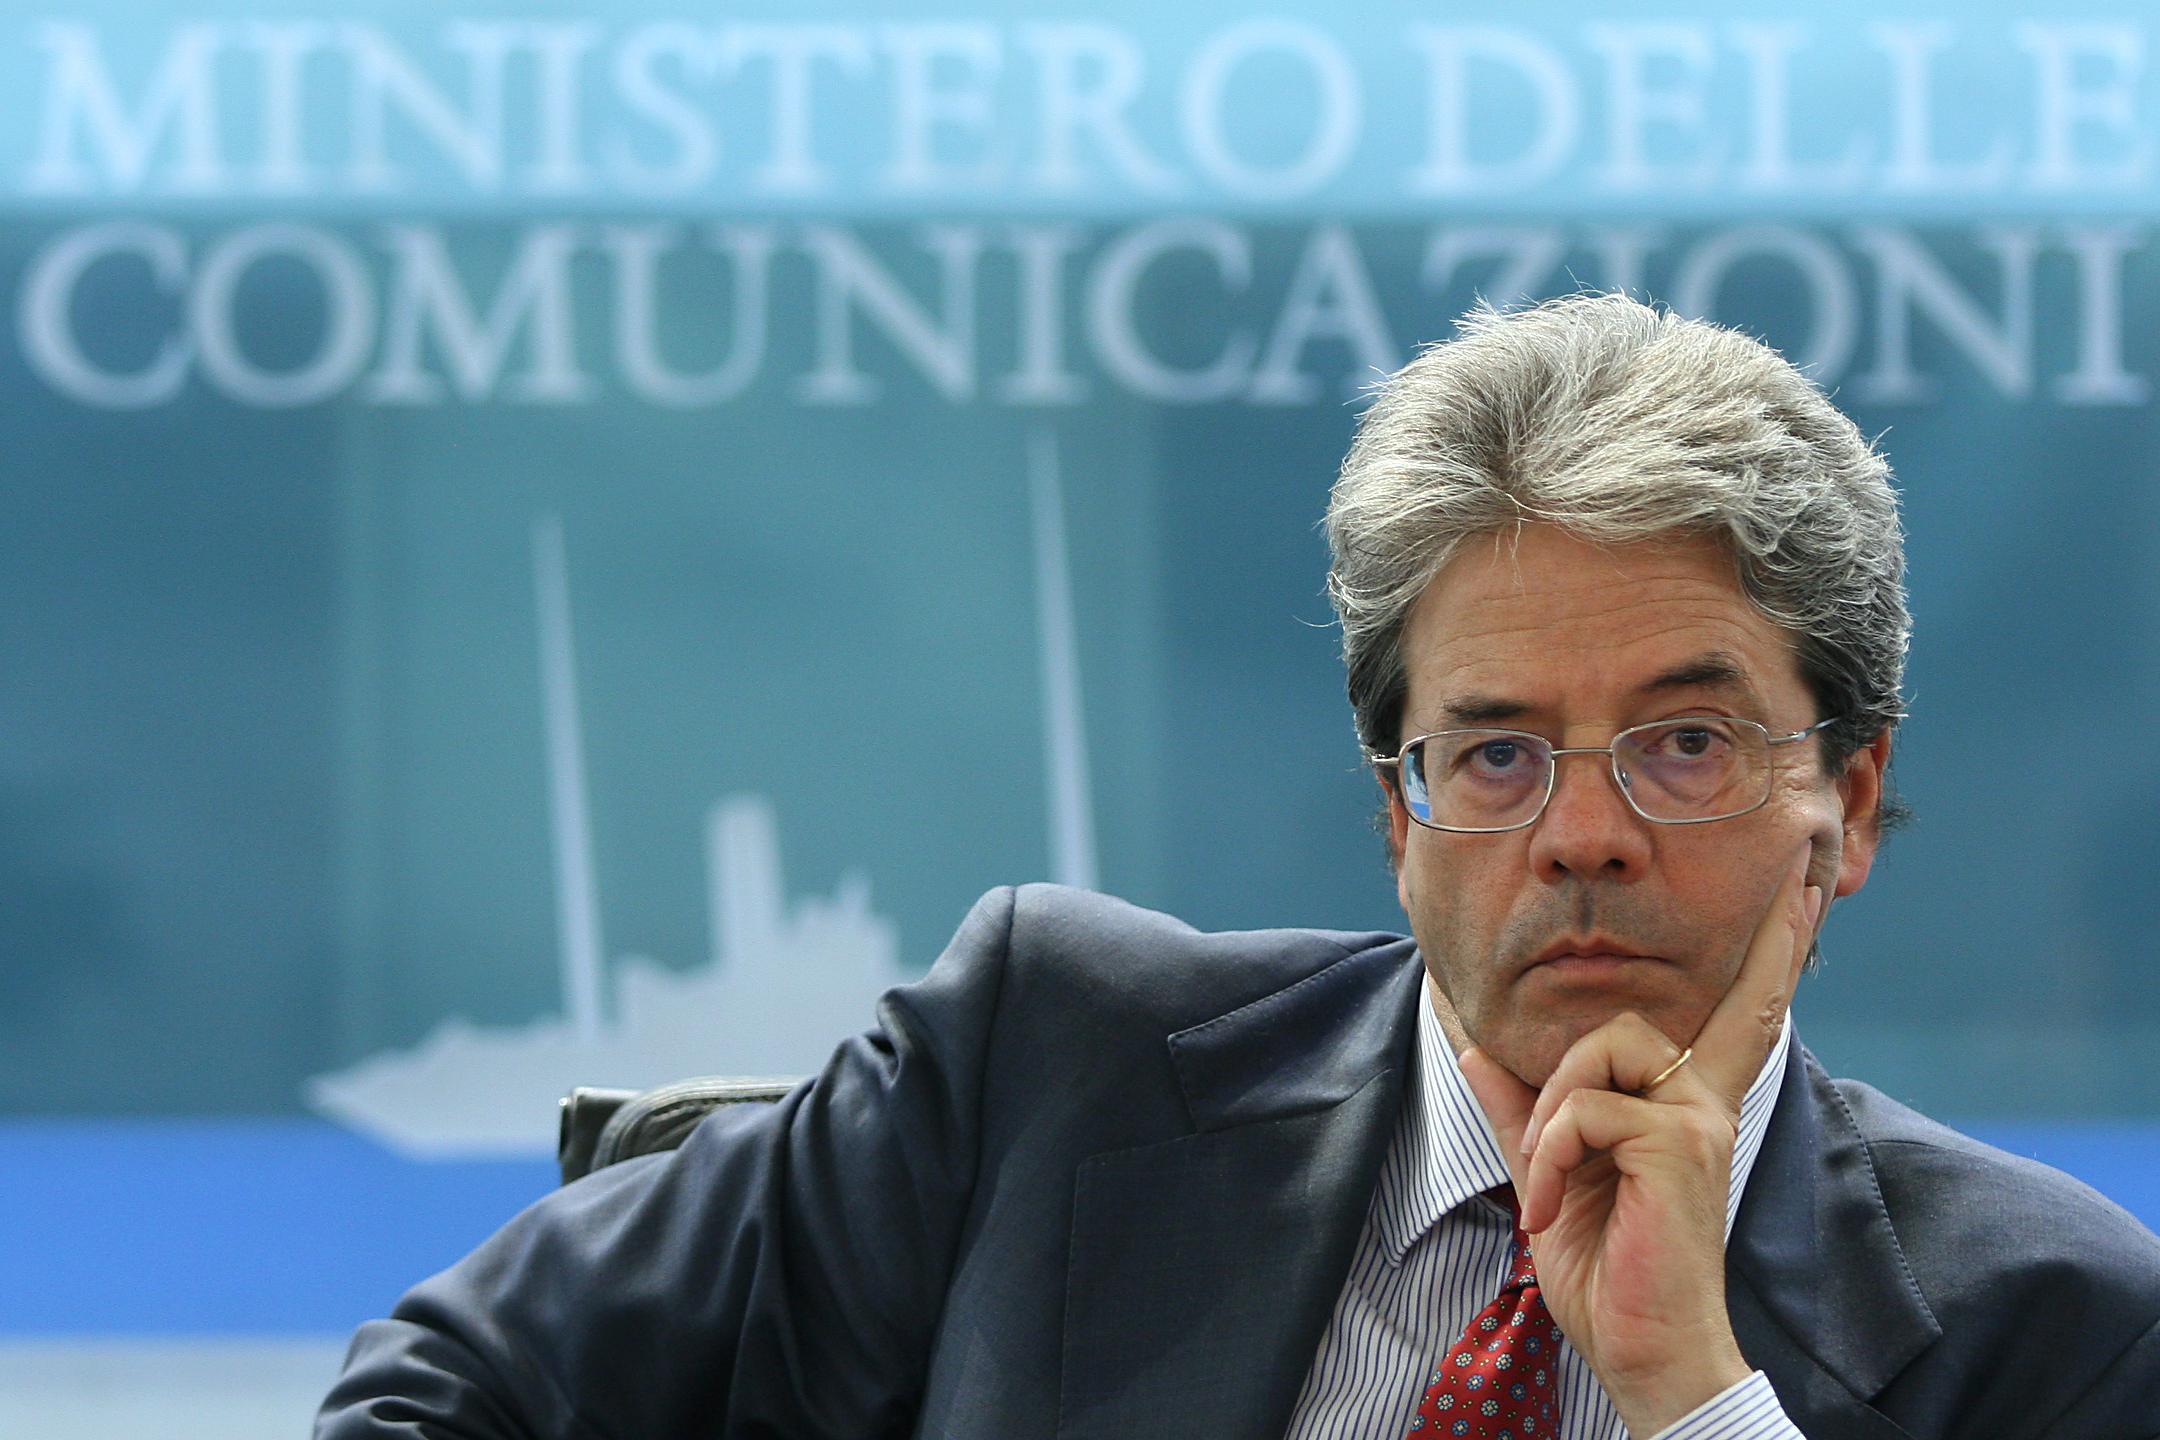 Gentiloni ministro Comunicazioni